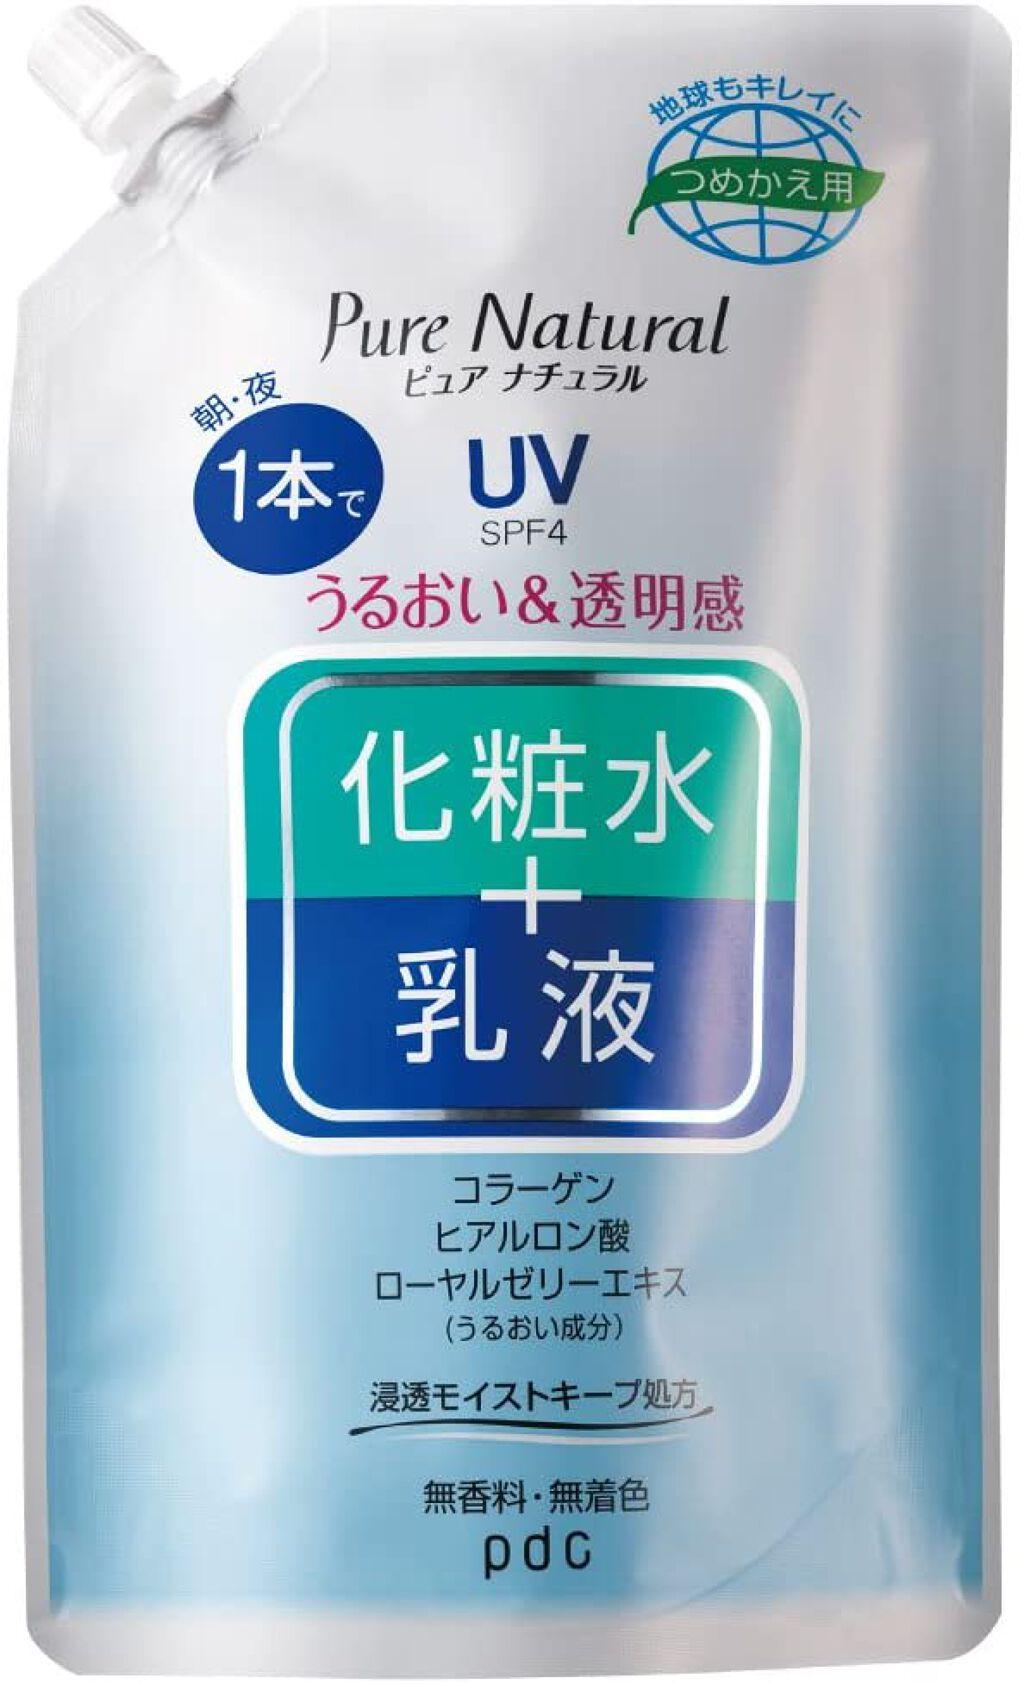 ピュア ナチュラル エッセンスローション UV つめかえ用490ml